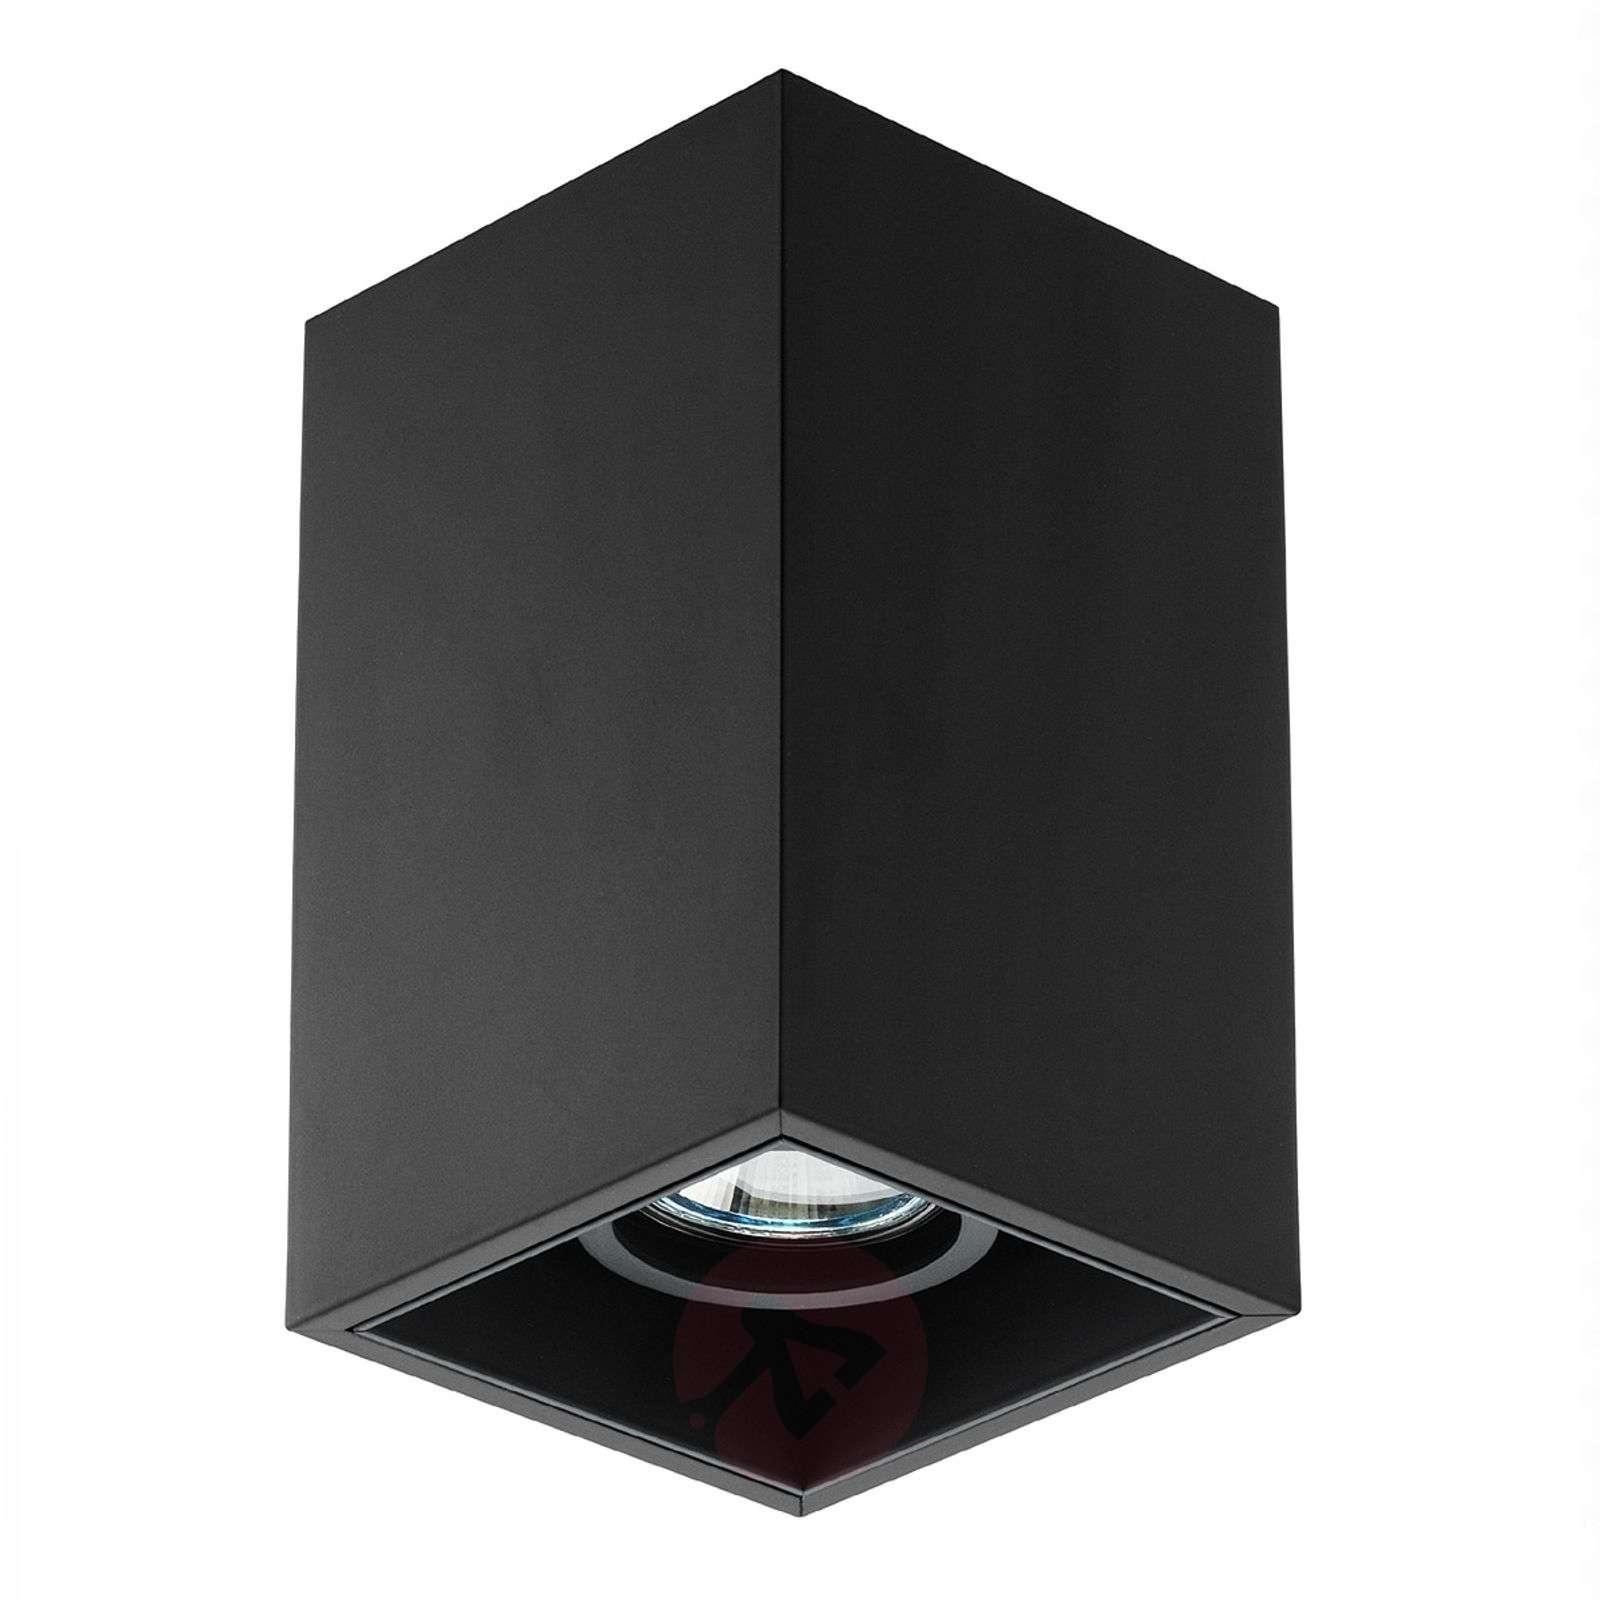 1-lamppuinen Compass Box S-kattovalaisin, musta-3510237-01